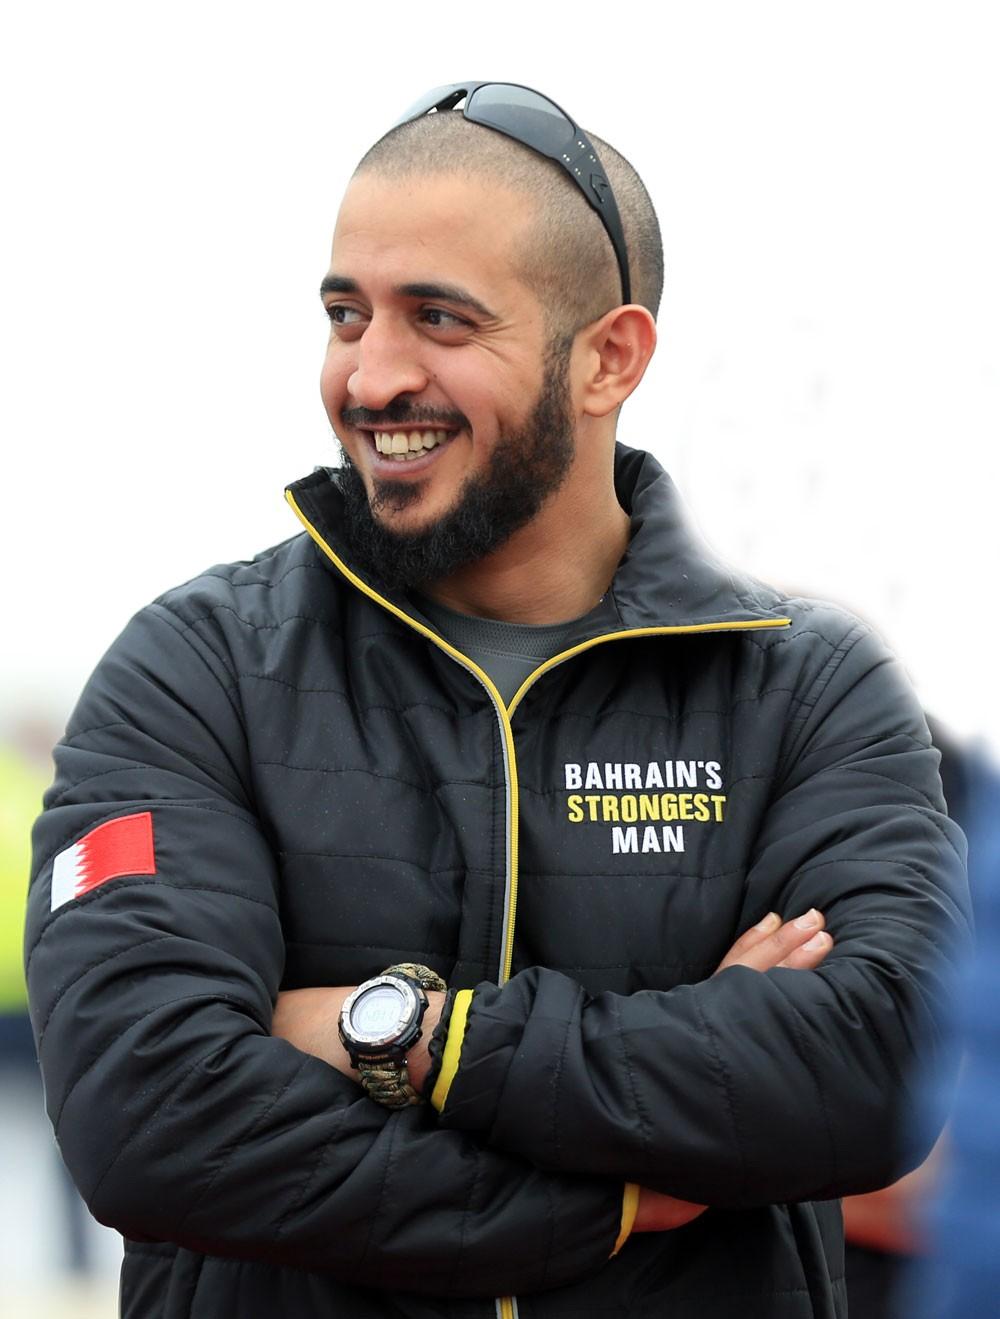 خالد بن حمد: نتطلع لمشاركة قوية مليئة بروح التحدي والمنافسة الشريفة